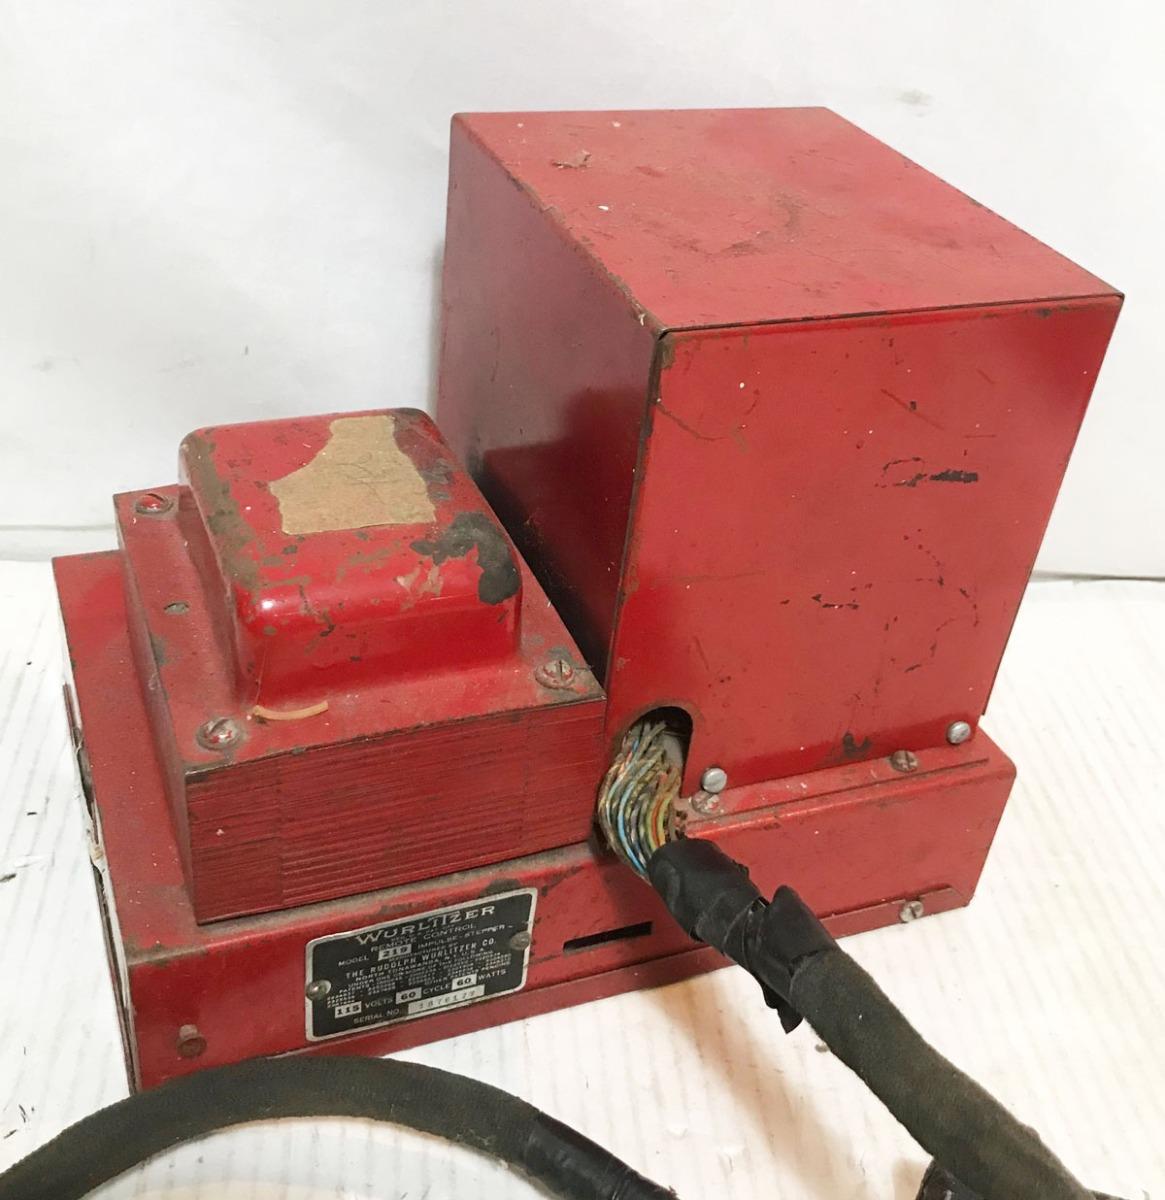 Wurlitzer Stepper model 219 - Voor jukebox modellen 1015, 1080, 1100 (no 2)